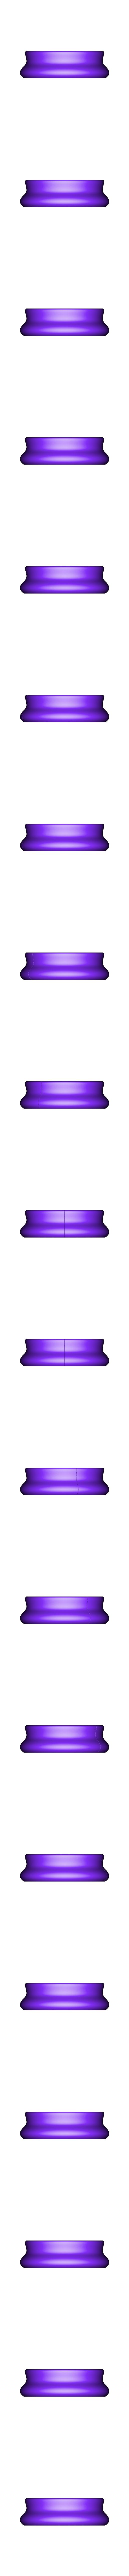 Base.stl Télécharger fichier OBJ Mickey Christmas night light lithophane • Objet imprimable en 3D, Ludo3D